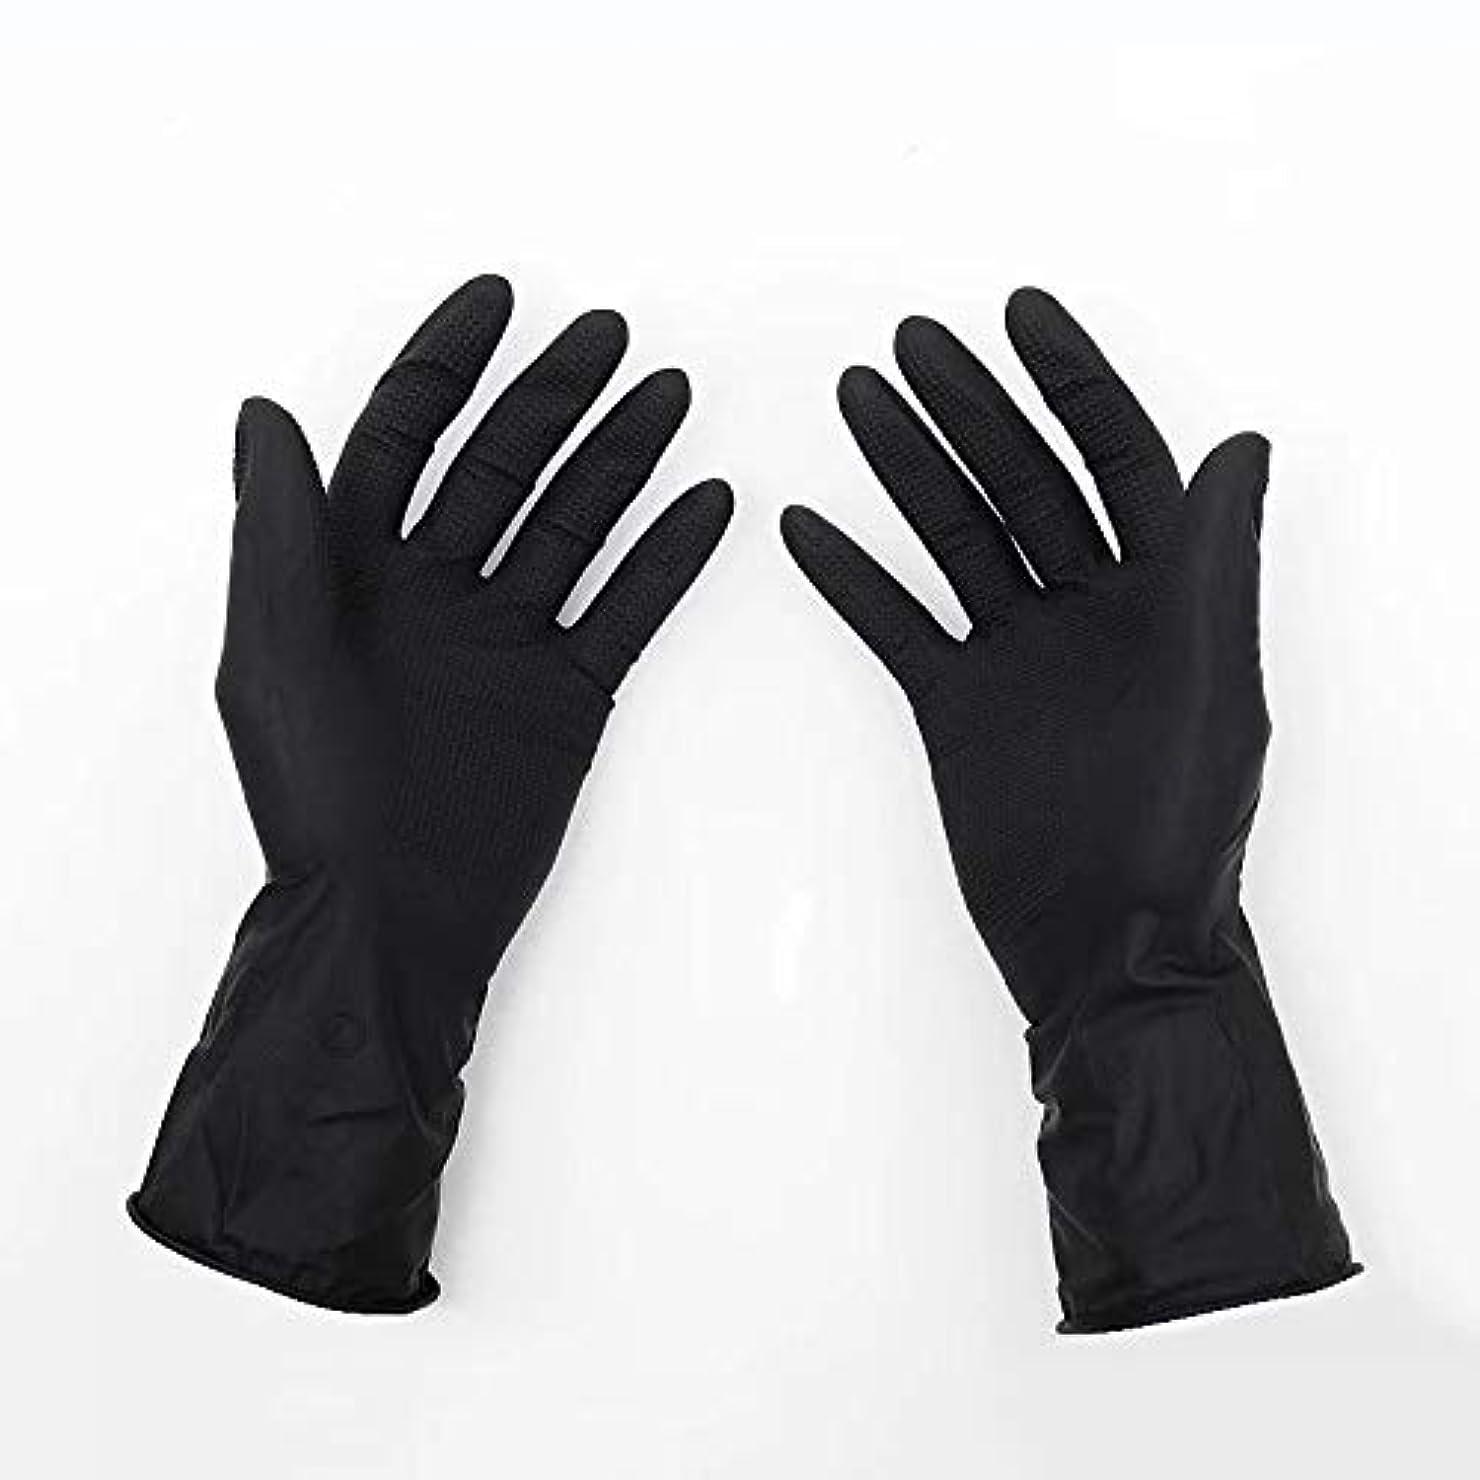 とても篭神秘6pcs ビューティロンググローブ 滑り止め ヘアカラー用 パーマ ヘアシャンプー 手袋 理容師 美容師 美容サロン ブラック